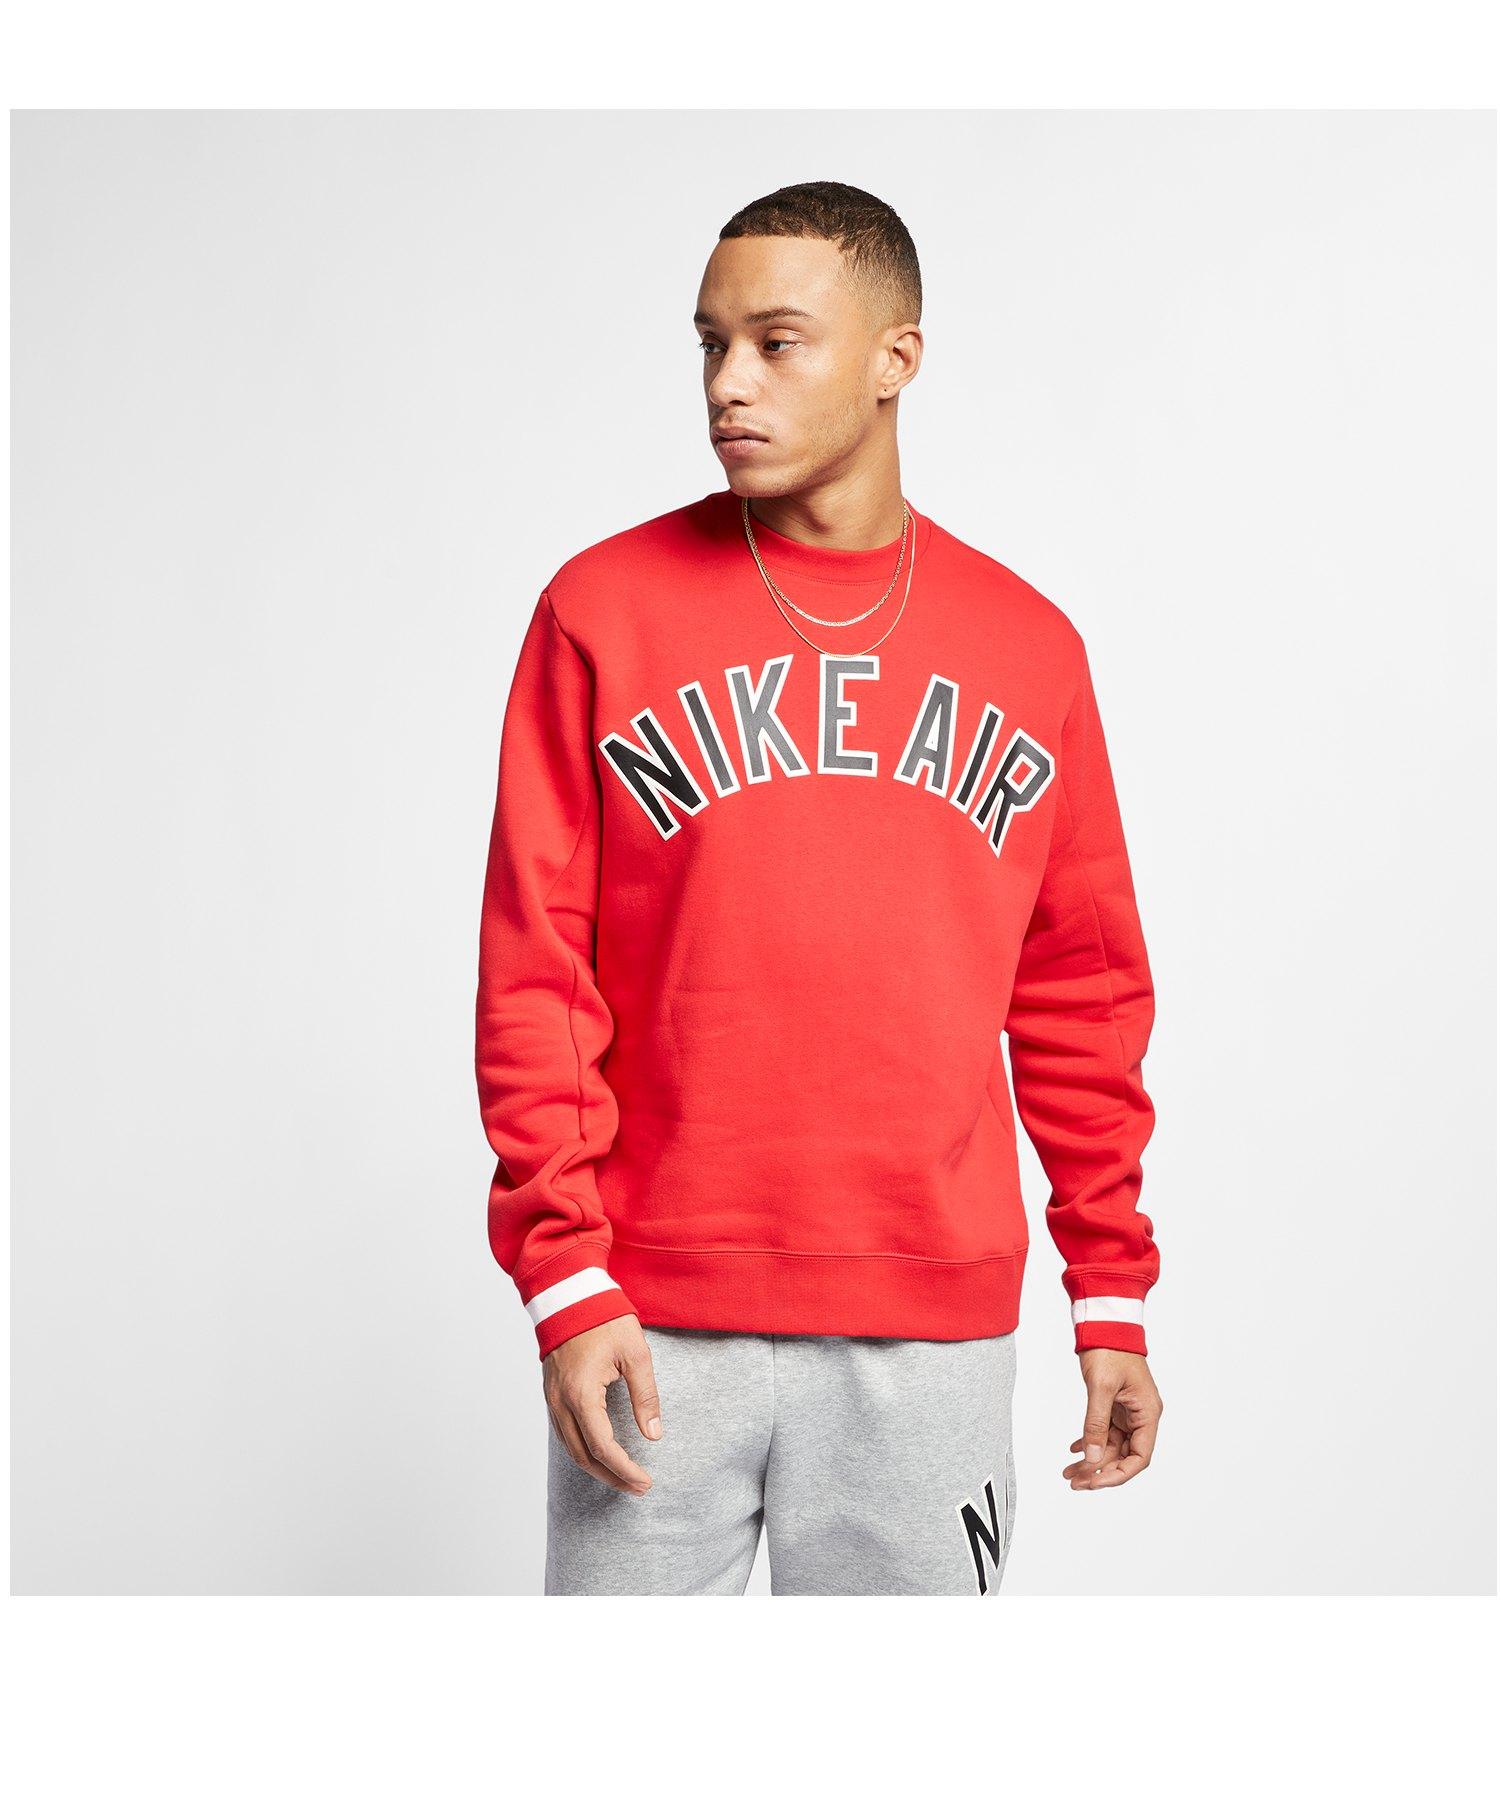 Nike Air Crew Fleece Sweater Rot F657 - rot